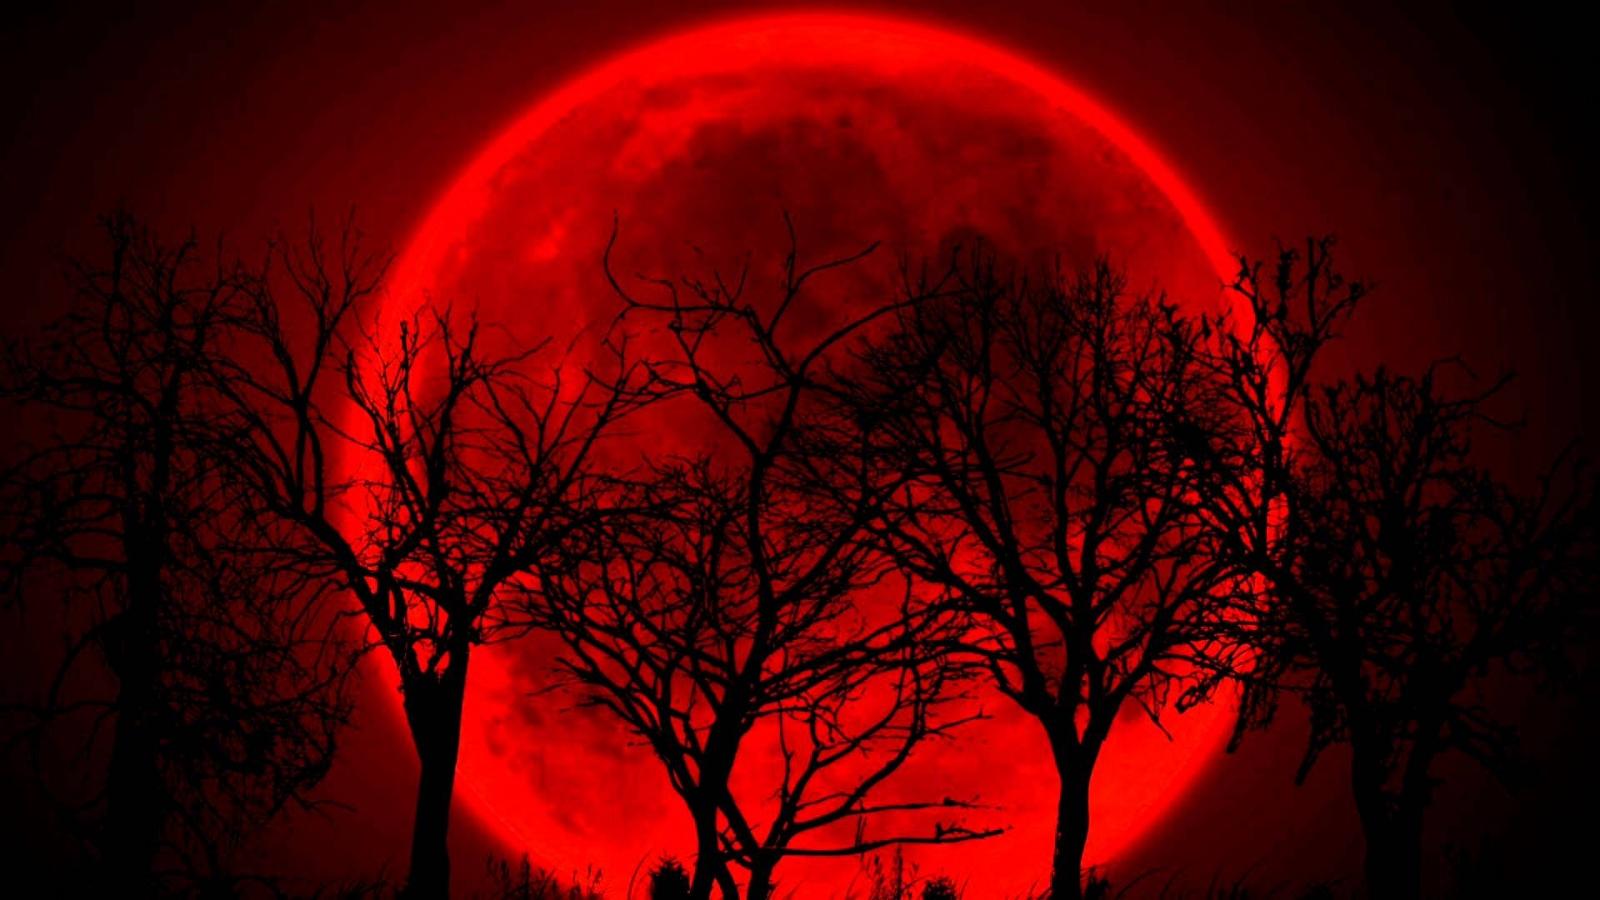 El 31 de enero llega la superluna azul con eclipse